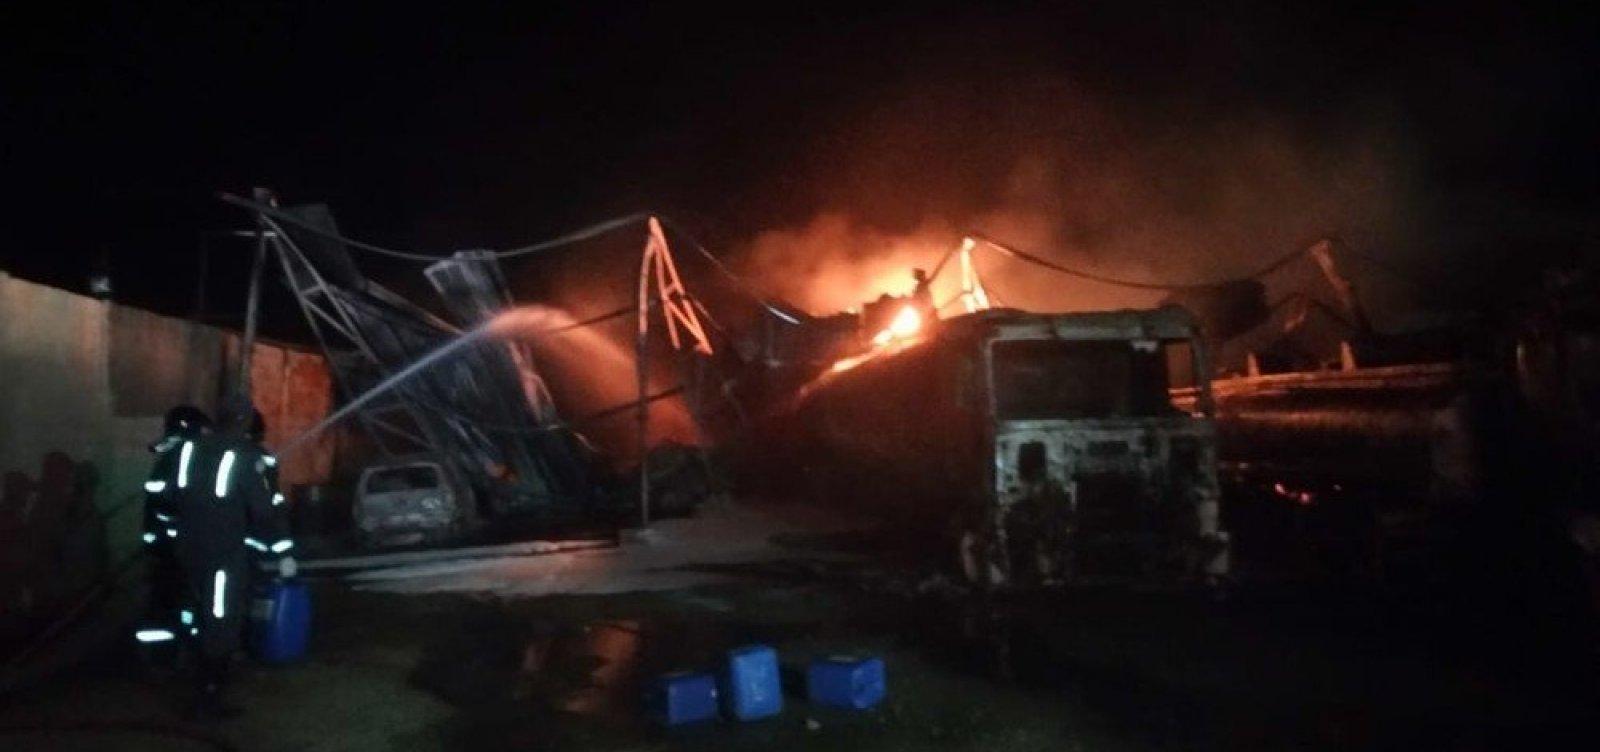 [Polícia investiga distribuição ilegal de gasolina adulterada em local de incêndio em Candeias]